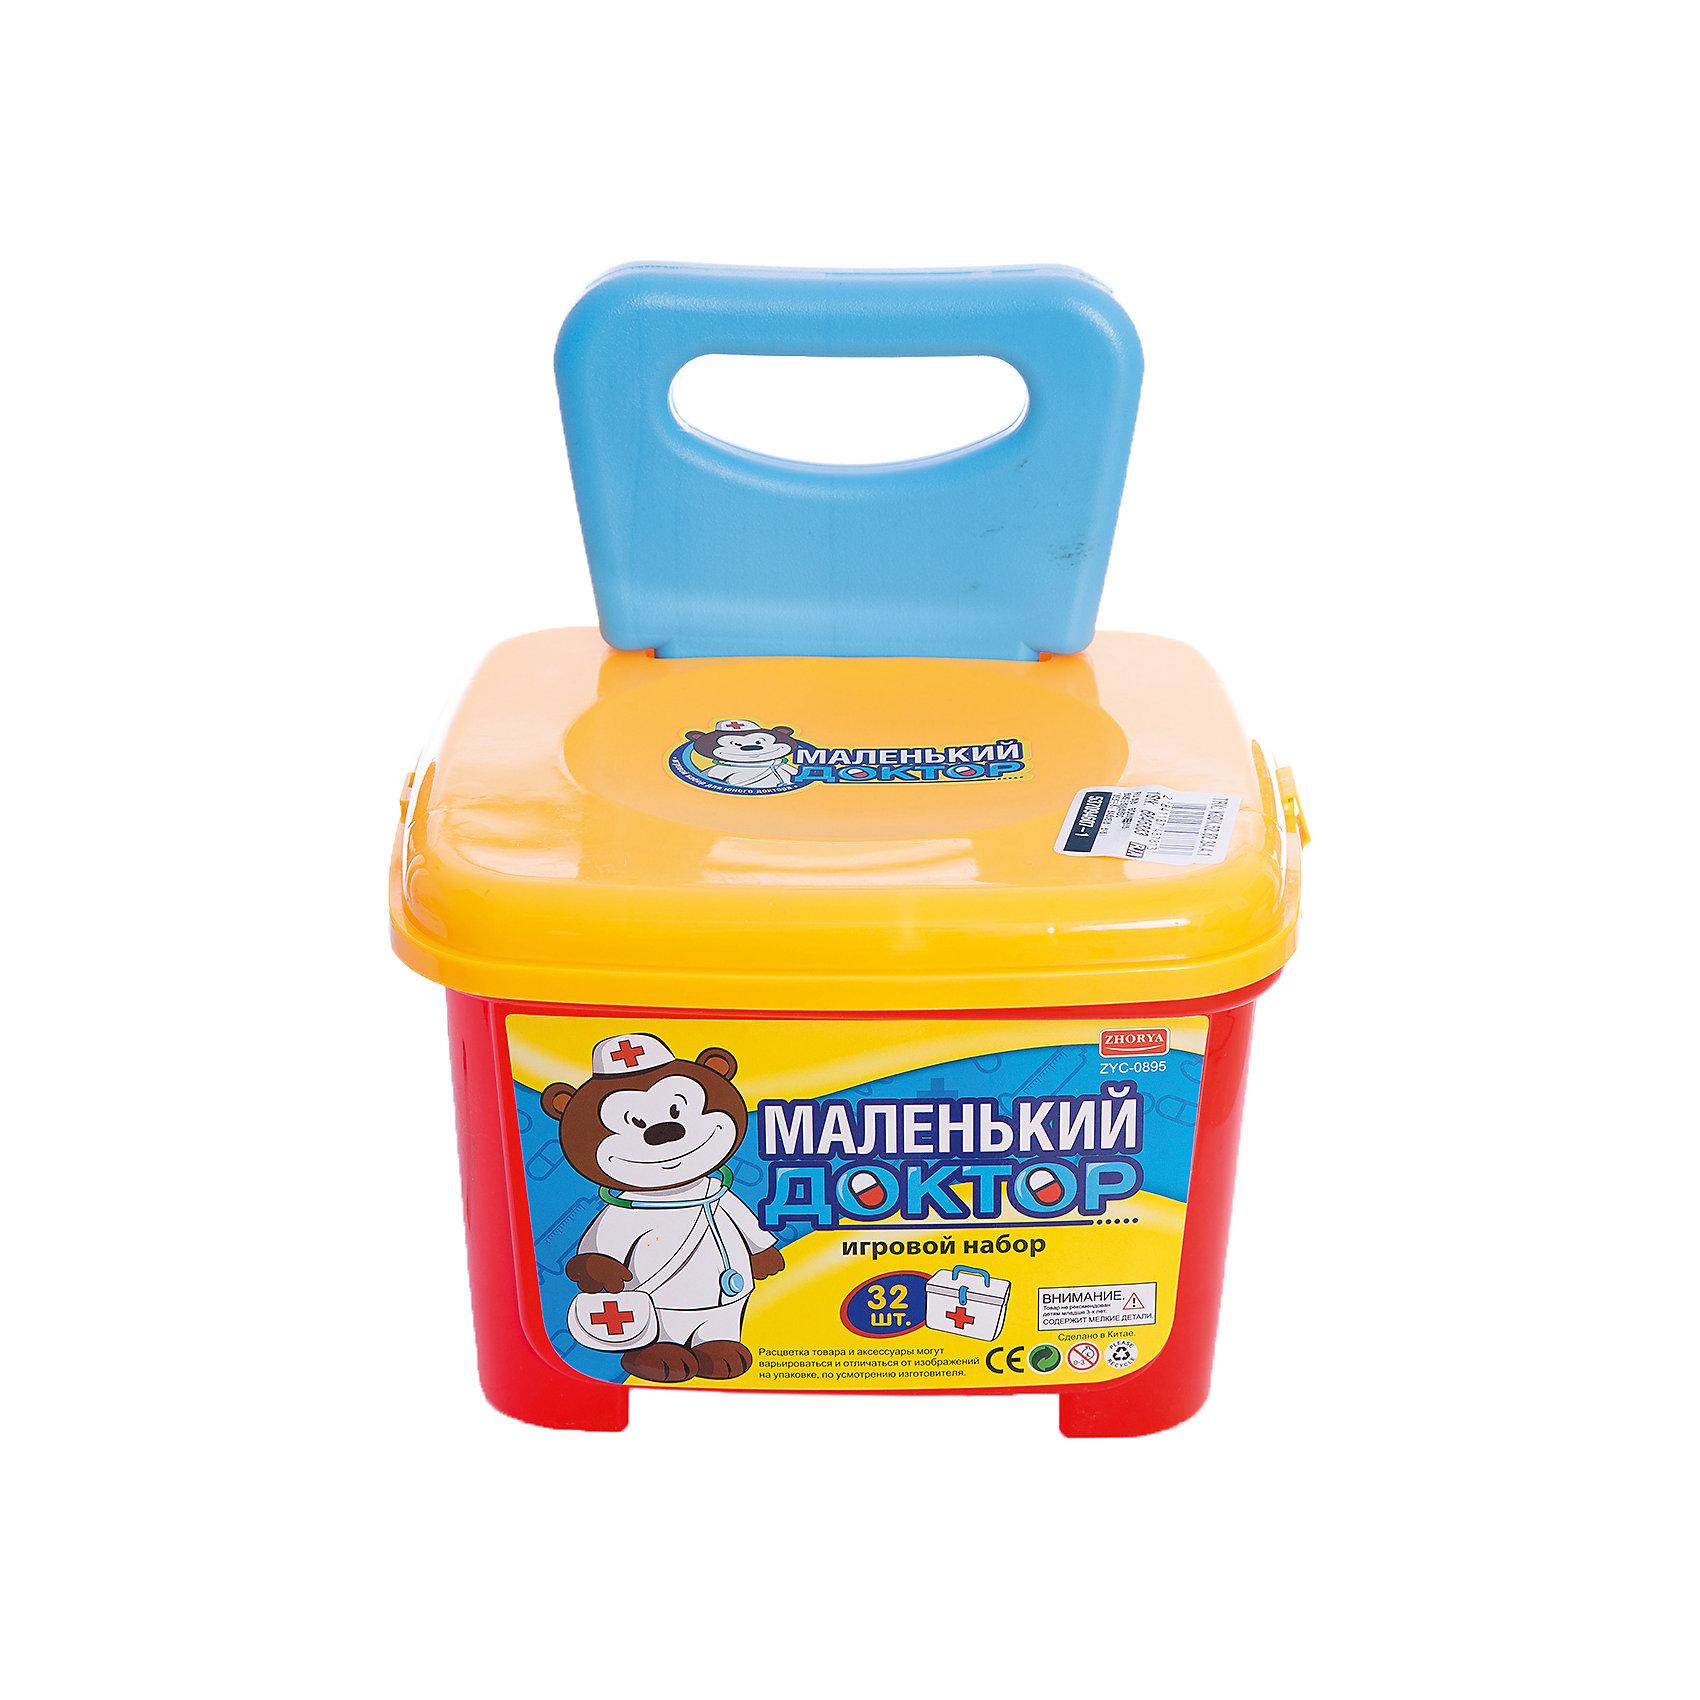 Игровой набор Shantou Gepai Маленький Доктор, чемодан-стульчикНаборы доктора и ветеринара<br>Характеристики:<br><br>• в комплекте: чемодан-стульчик, аксессуары;<br>• материал: пластик;<br>• возраст: от 3-х лет;<br>• размер упаковки: 20х25х28 см;<br>• вес: 929 грамм;<br>• страна: Китай.<br><br>Если любимая игрушка заболела, ее нужно срочно вылечить. На помощь придет набор Маленький доктор.<br><br>В комплект входят все необходимые для лечения и осмотра аксессуары.<br><br>Универсальный чемодан-стульчик очень удобен для юного доктора. В него можно сложить все инструменты, а также воспользоваться им, чтобы удобно расположиться при осмотре больного.<br><br>Все элементы изготовлены из пластика, безопасного для детей.<br><br>Игровой набор Маленький Доктор, чемодан-стульчик, Shantou Gepai (Шанту Гепай) можно купить в нашем интернет-магазине.<br><br>Ширина мм: 280<br>Глубина мм: 250<br>Высота мм: 200<br>Вес г: 929<br>Возраст от месяцев: 36<br>Возраст до месяцев: 2147483647<br>Пол: Женский<br>Возраст: Детский<br>SKU: 6846883